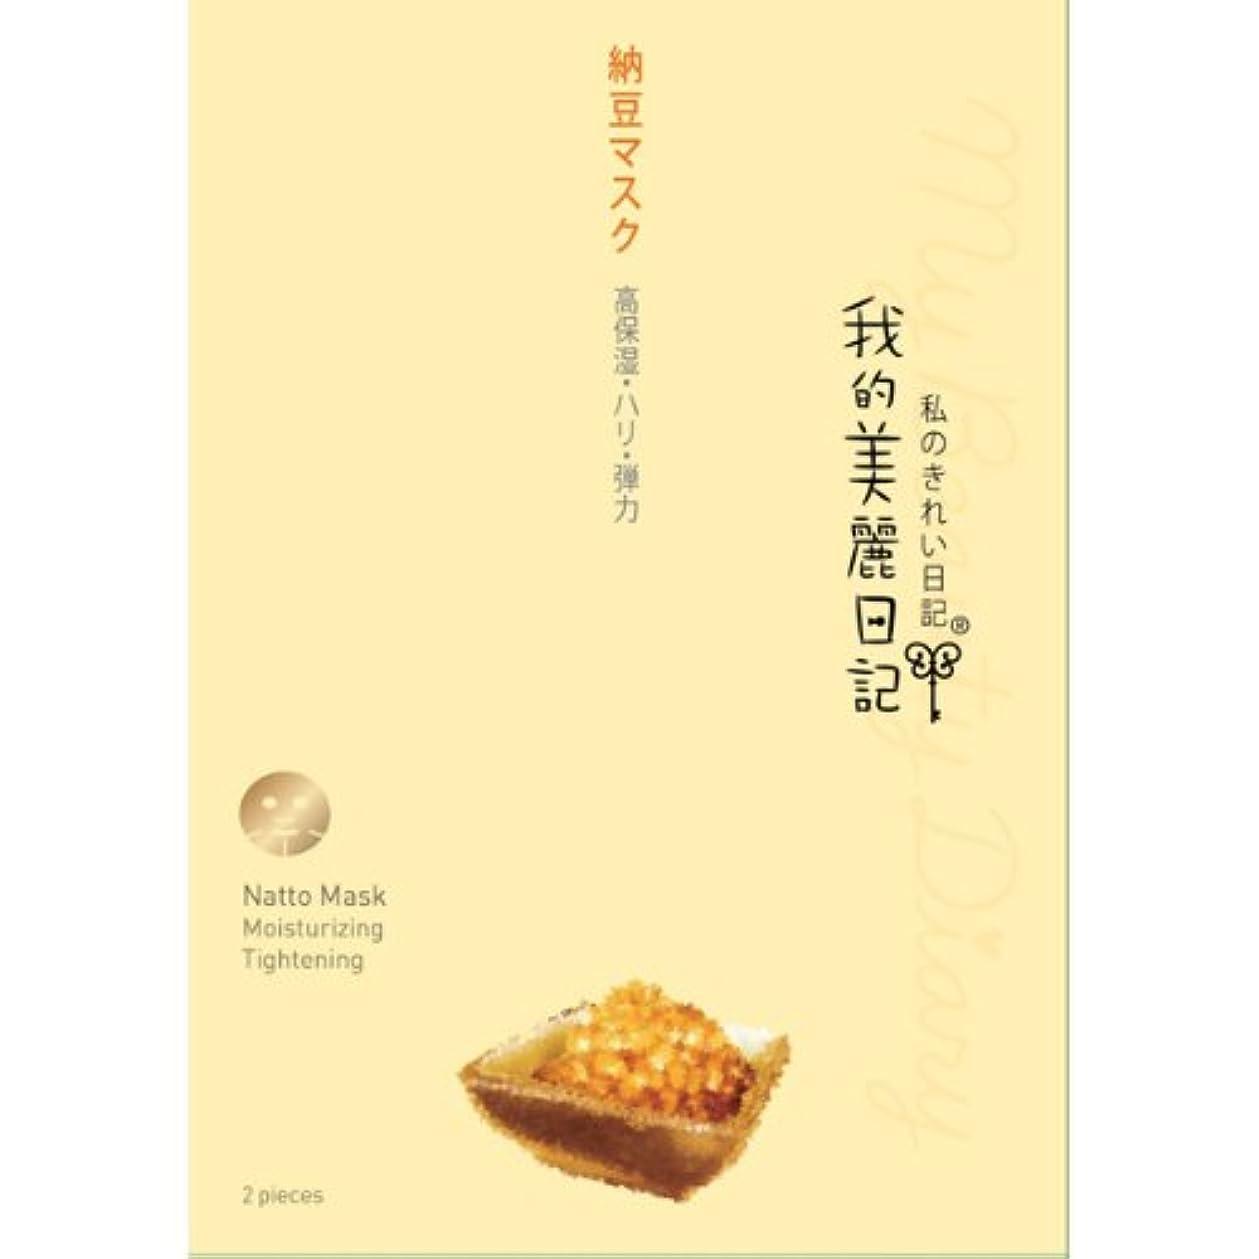 樫の木収まる小説家我的美麗日記 私のきれい日記 納豆マスク 23ml×2枚